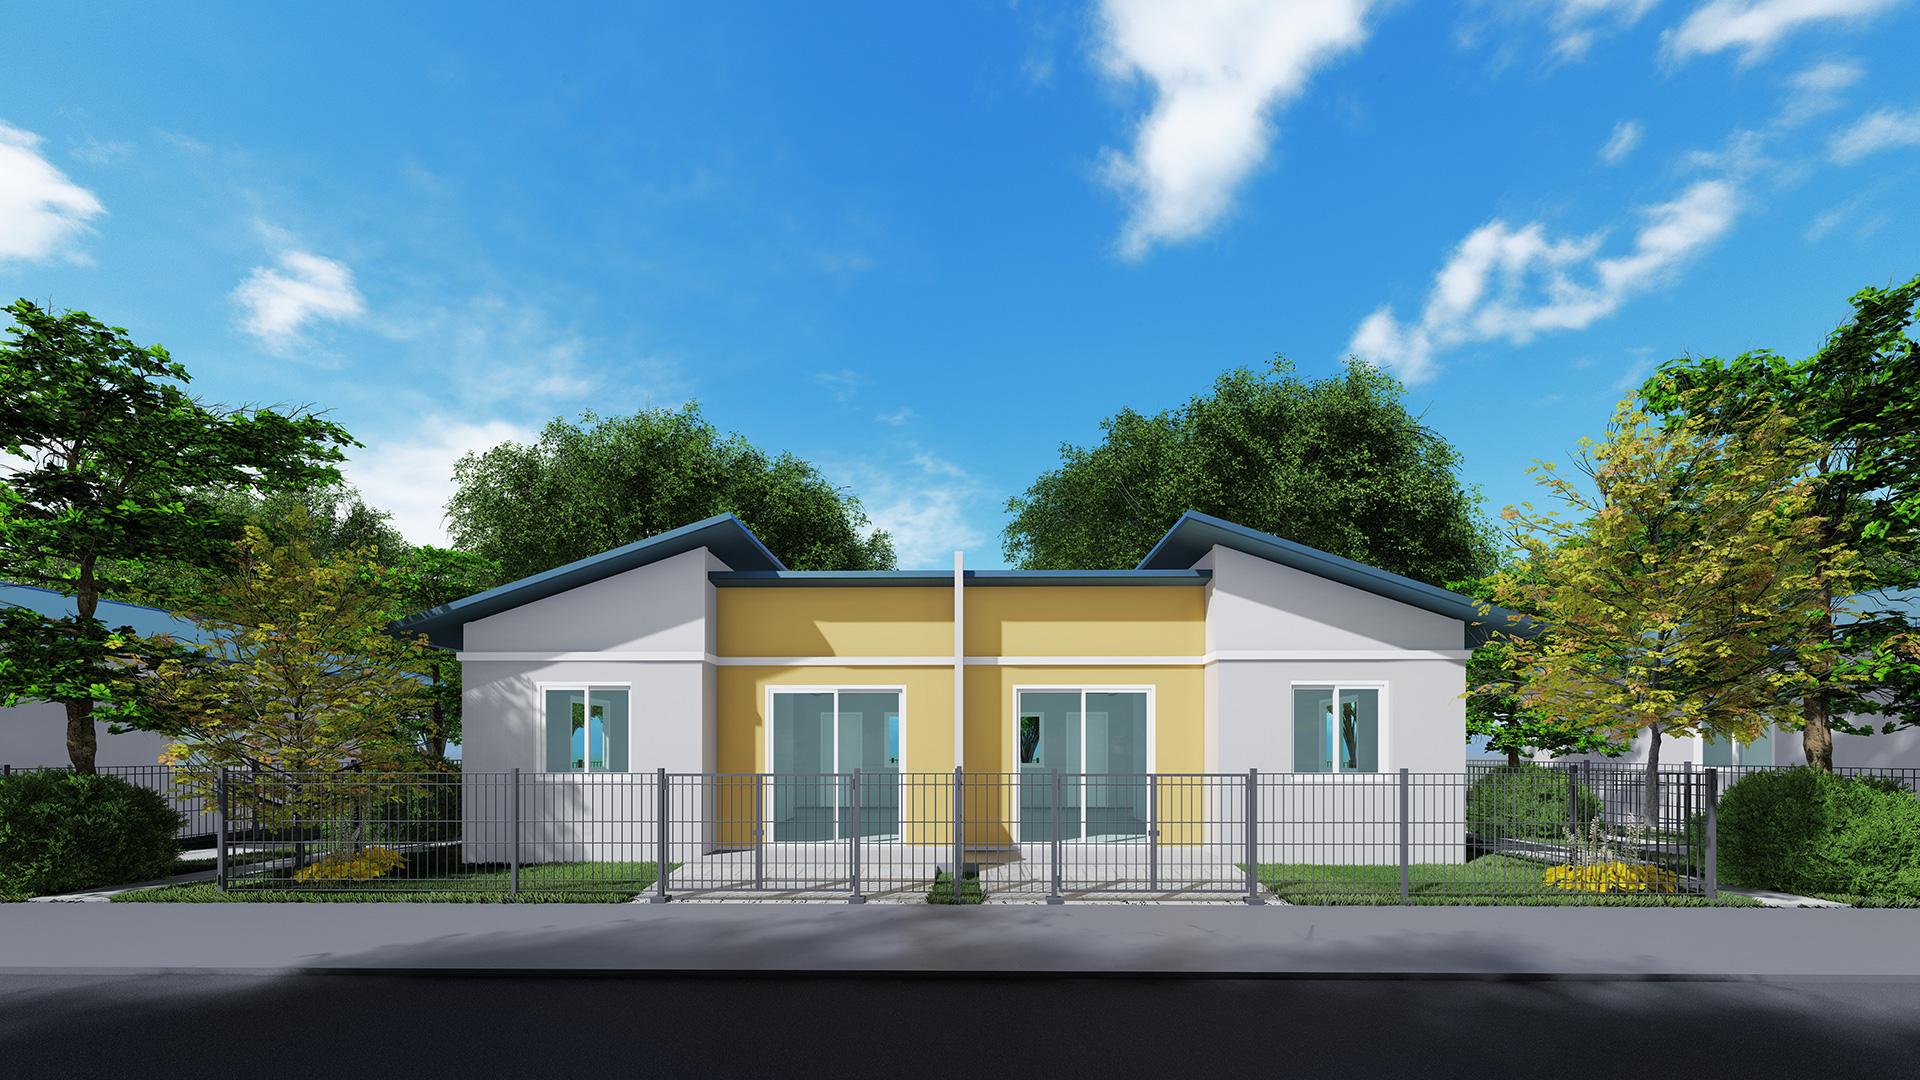 บ้านเคหะสุขประชา บ้านเช่าการเคหะฯ โครงการบ้านเช่าการเคหะฯ